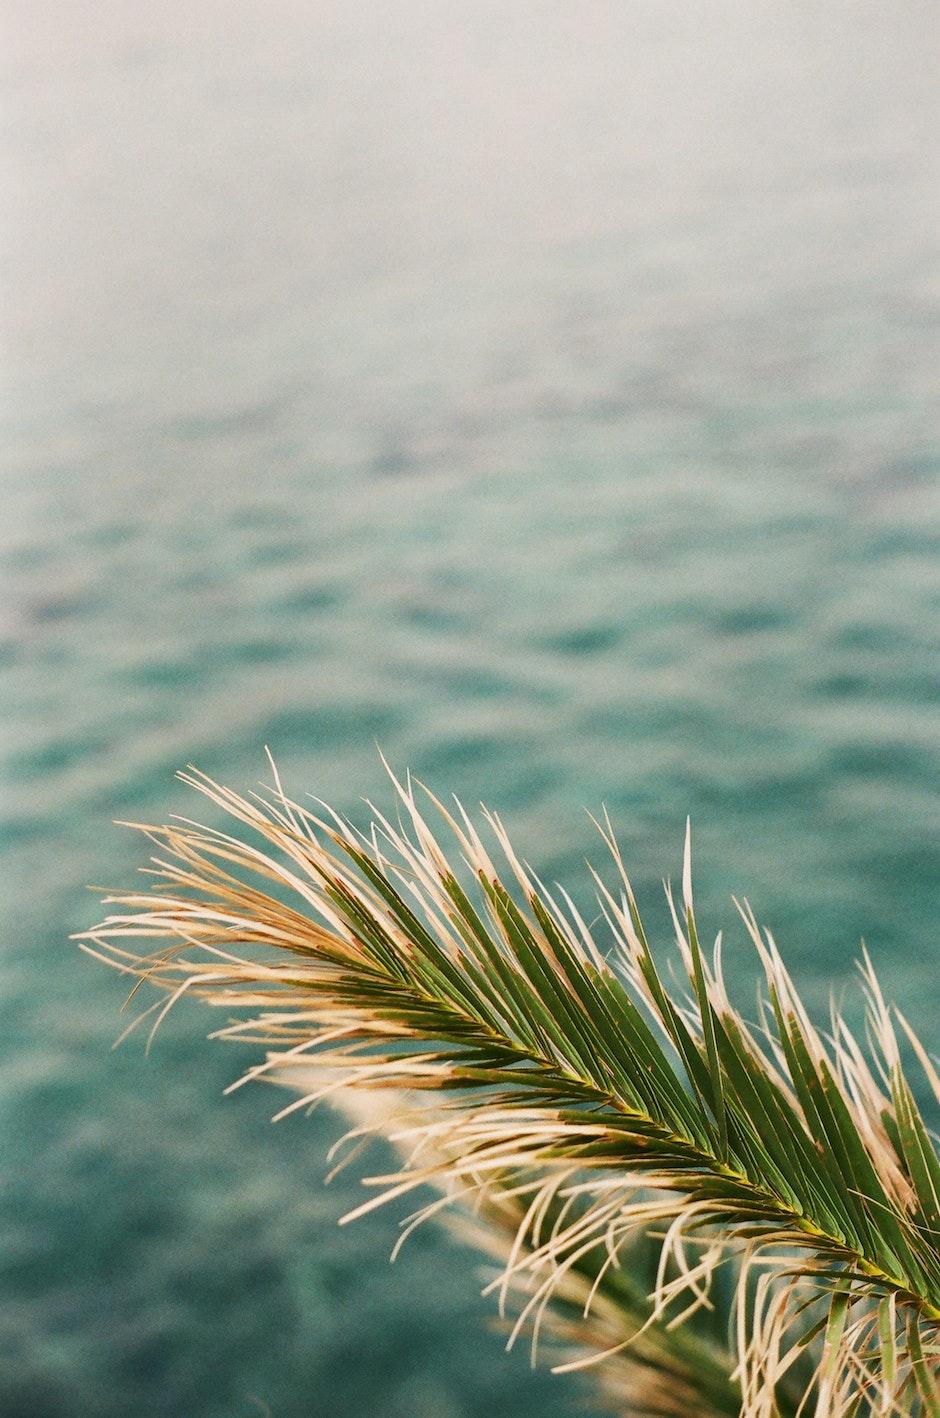 Closeup Photo of Green Palm Tree